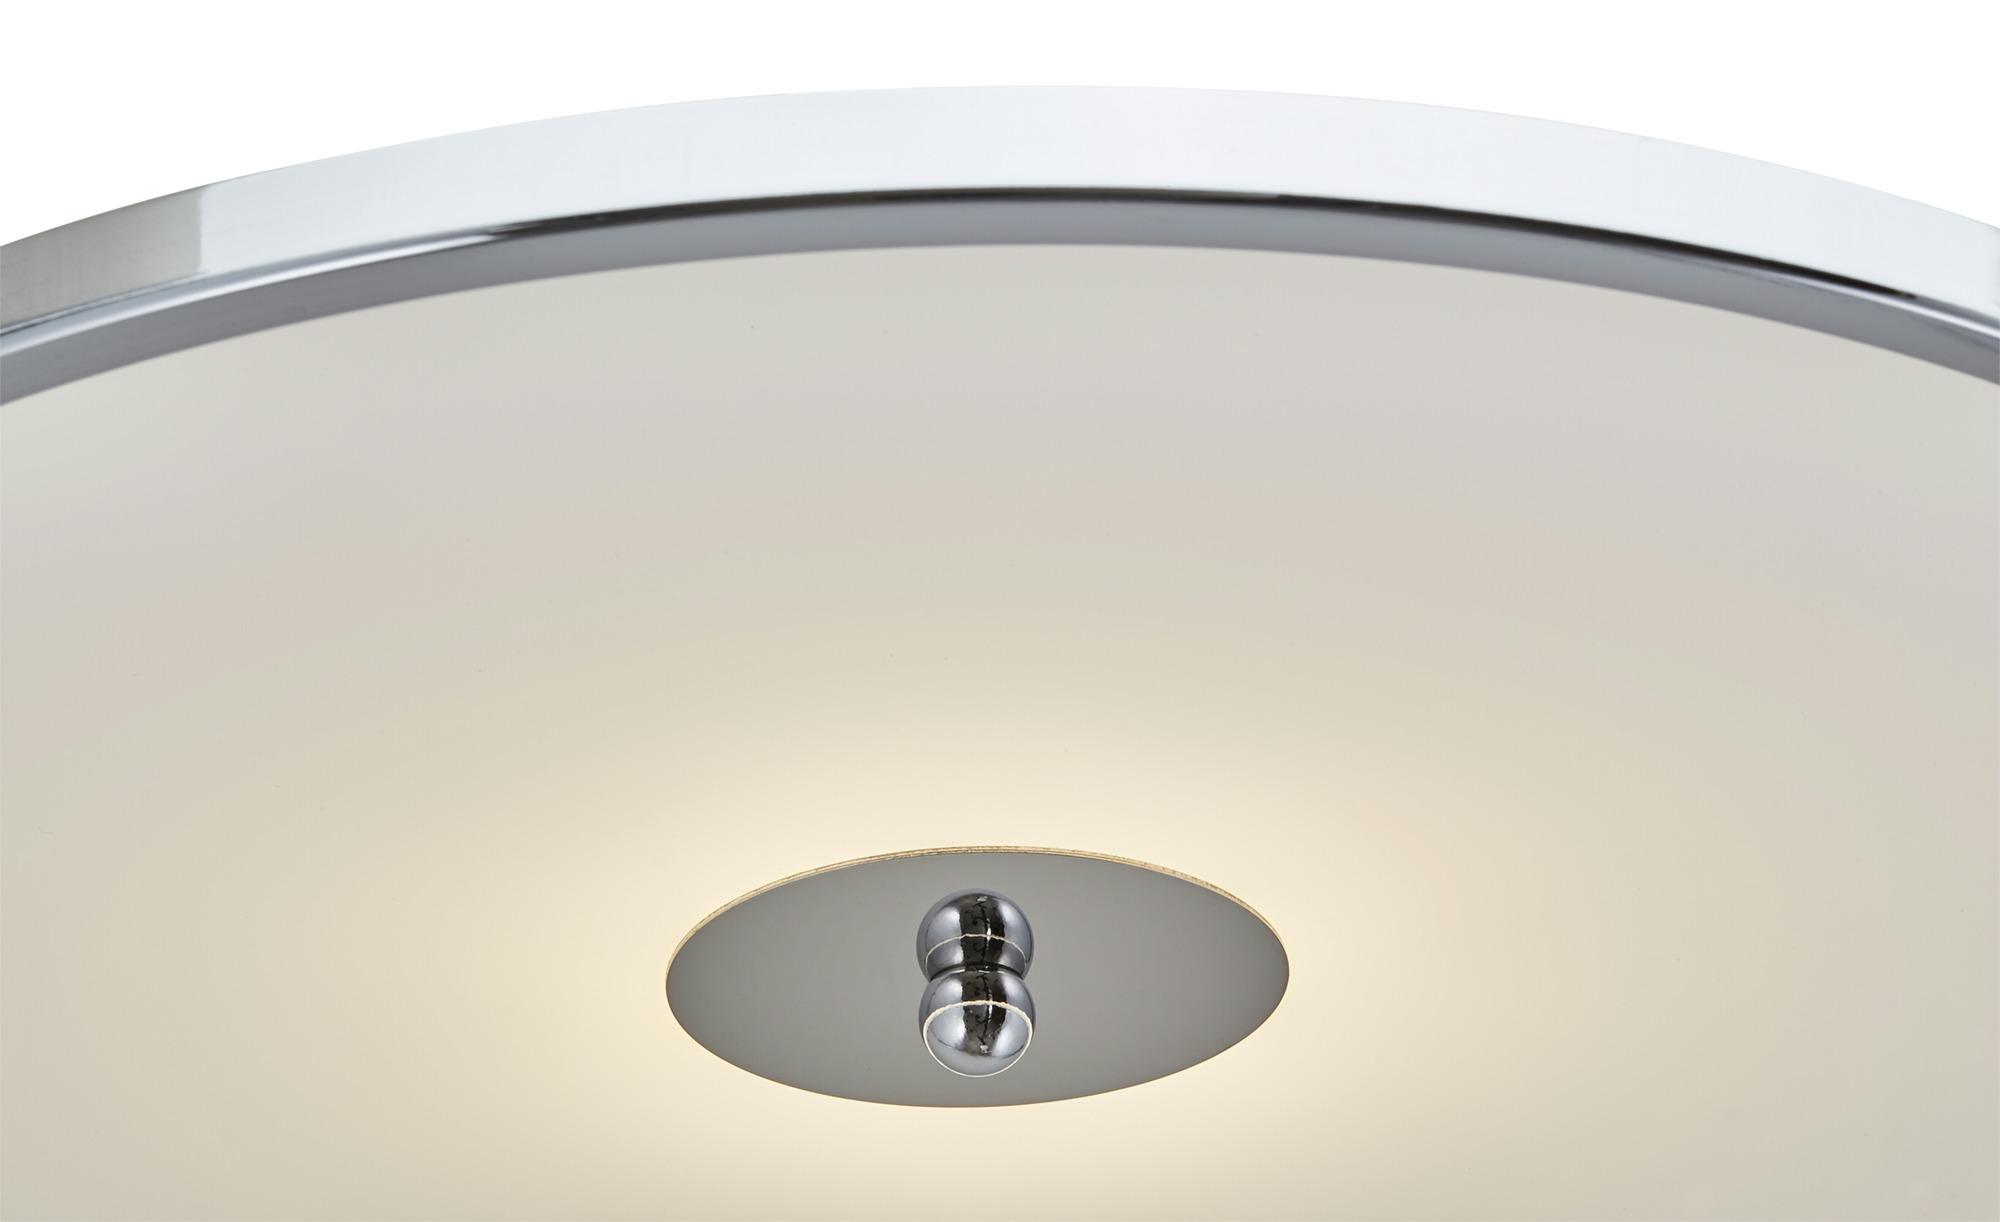 KHG LED-Deckenleuchte, 1-flammig chrom ¦ silber ¦ Maße (cm): H: 16 Ø: 40 Lampen & Leuchten > Innenleuchten > Deckenleuchten - Höffner